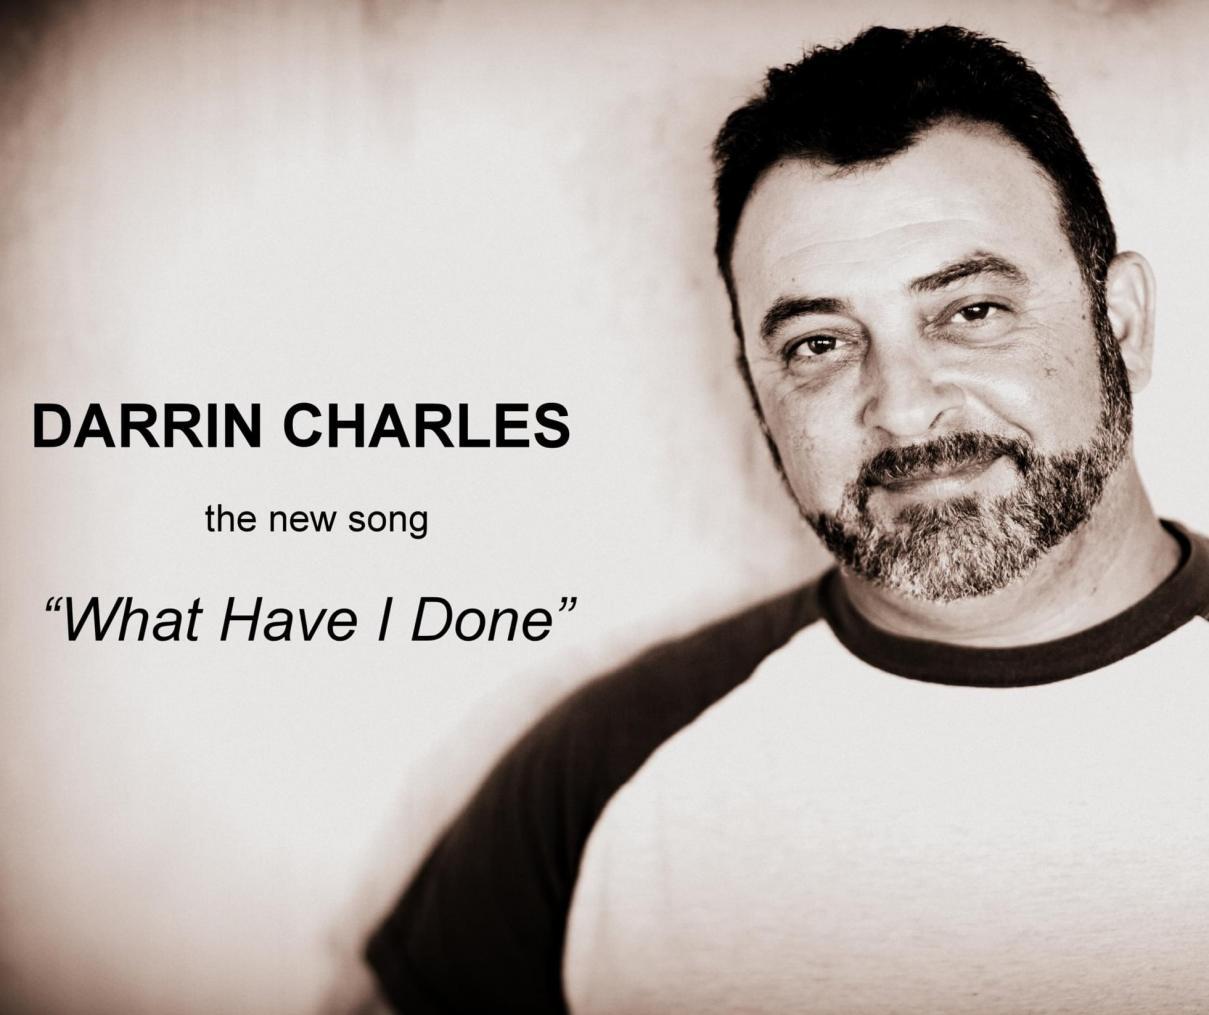 DarrinCharlescovergraphics3